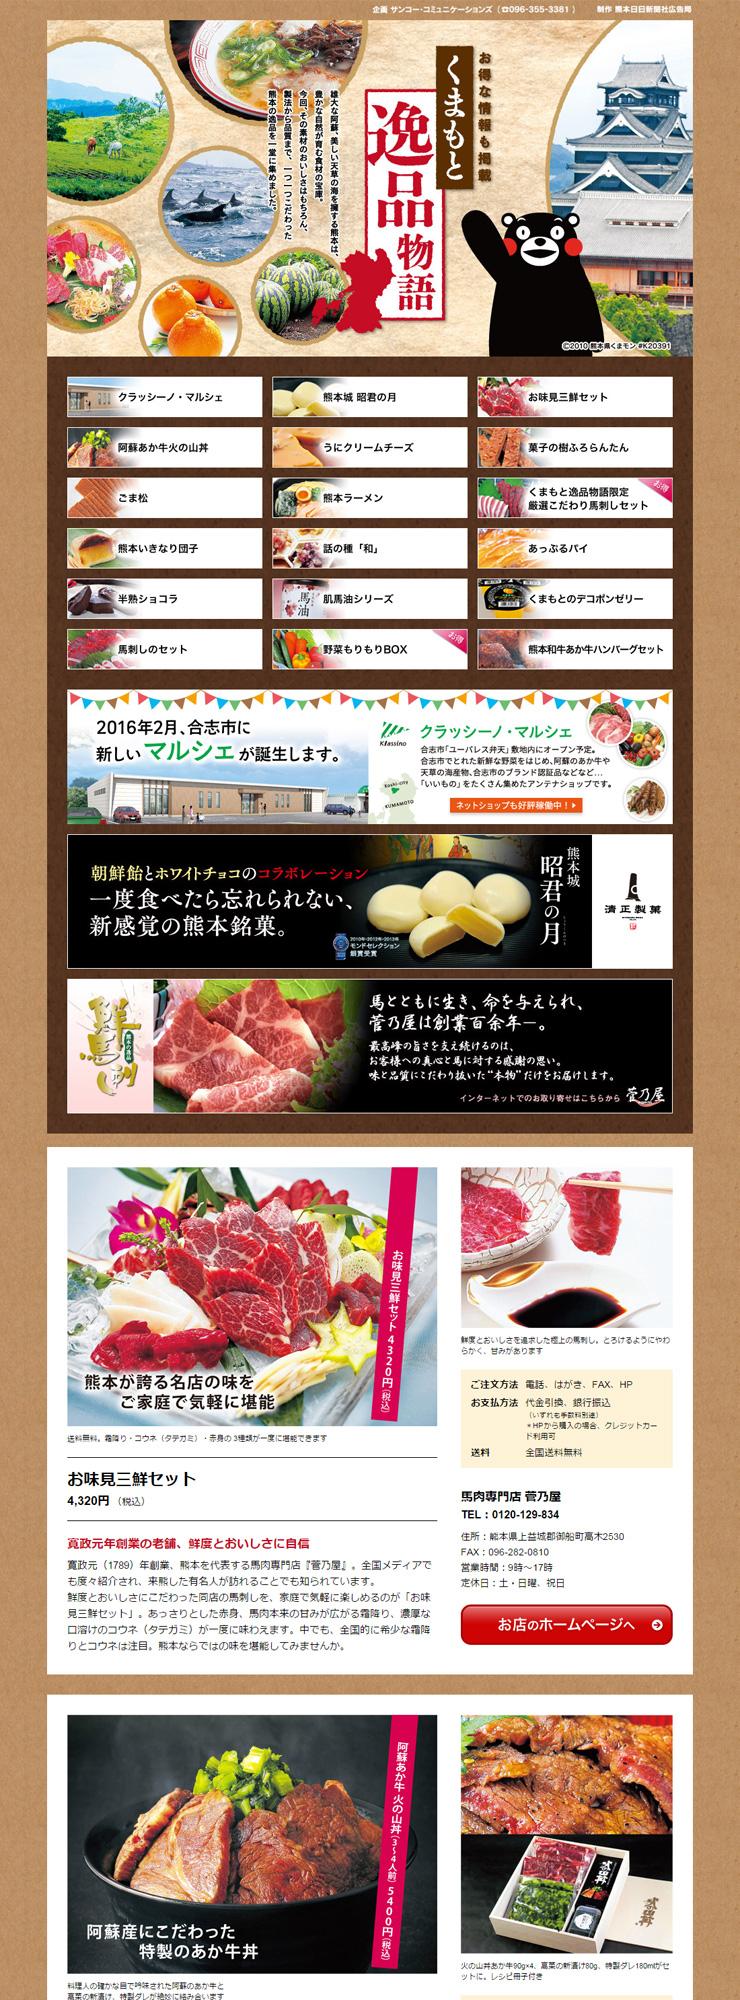 ホームページ制作/熊本の名産品01